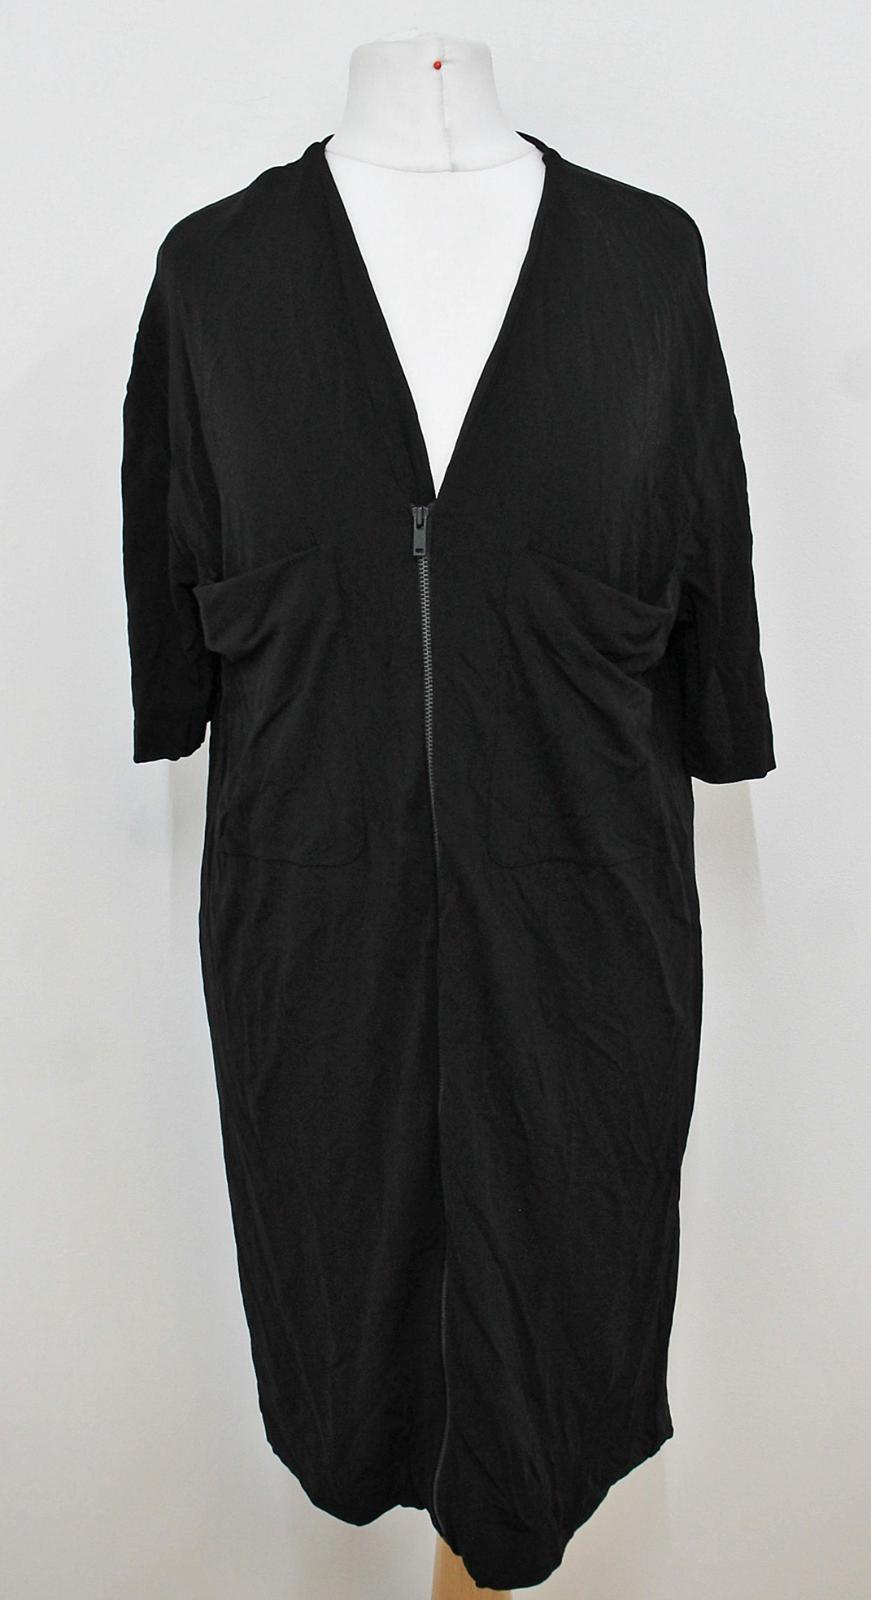 COS-Senoras-Negras-de-manga-corta-escote-V-con-cremallera-frontal-Cambio-Vestido-Talla-XS miniatura 12